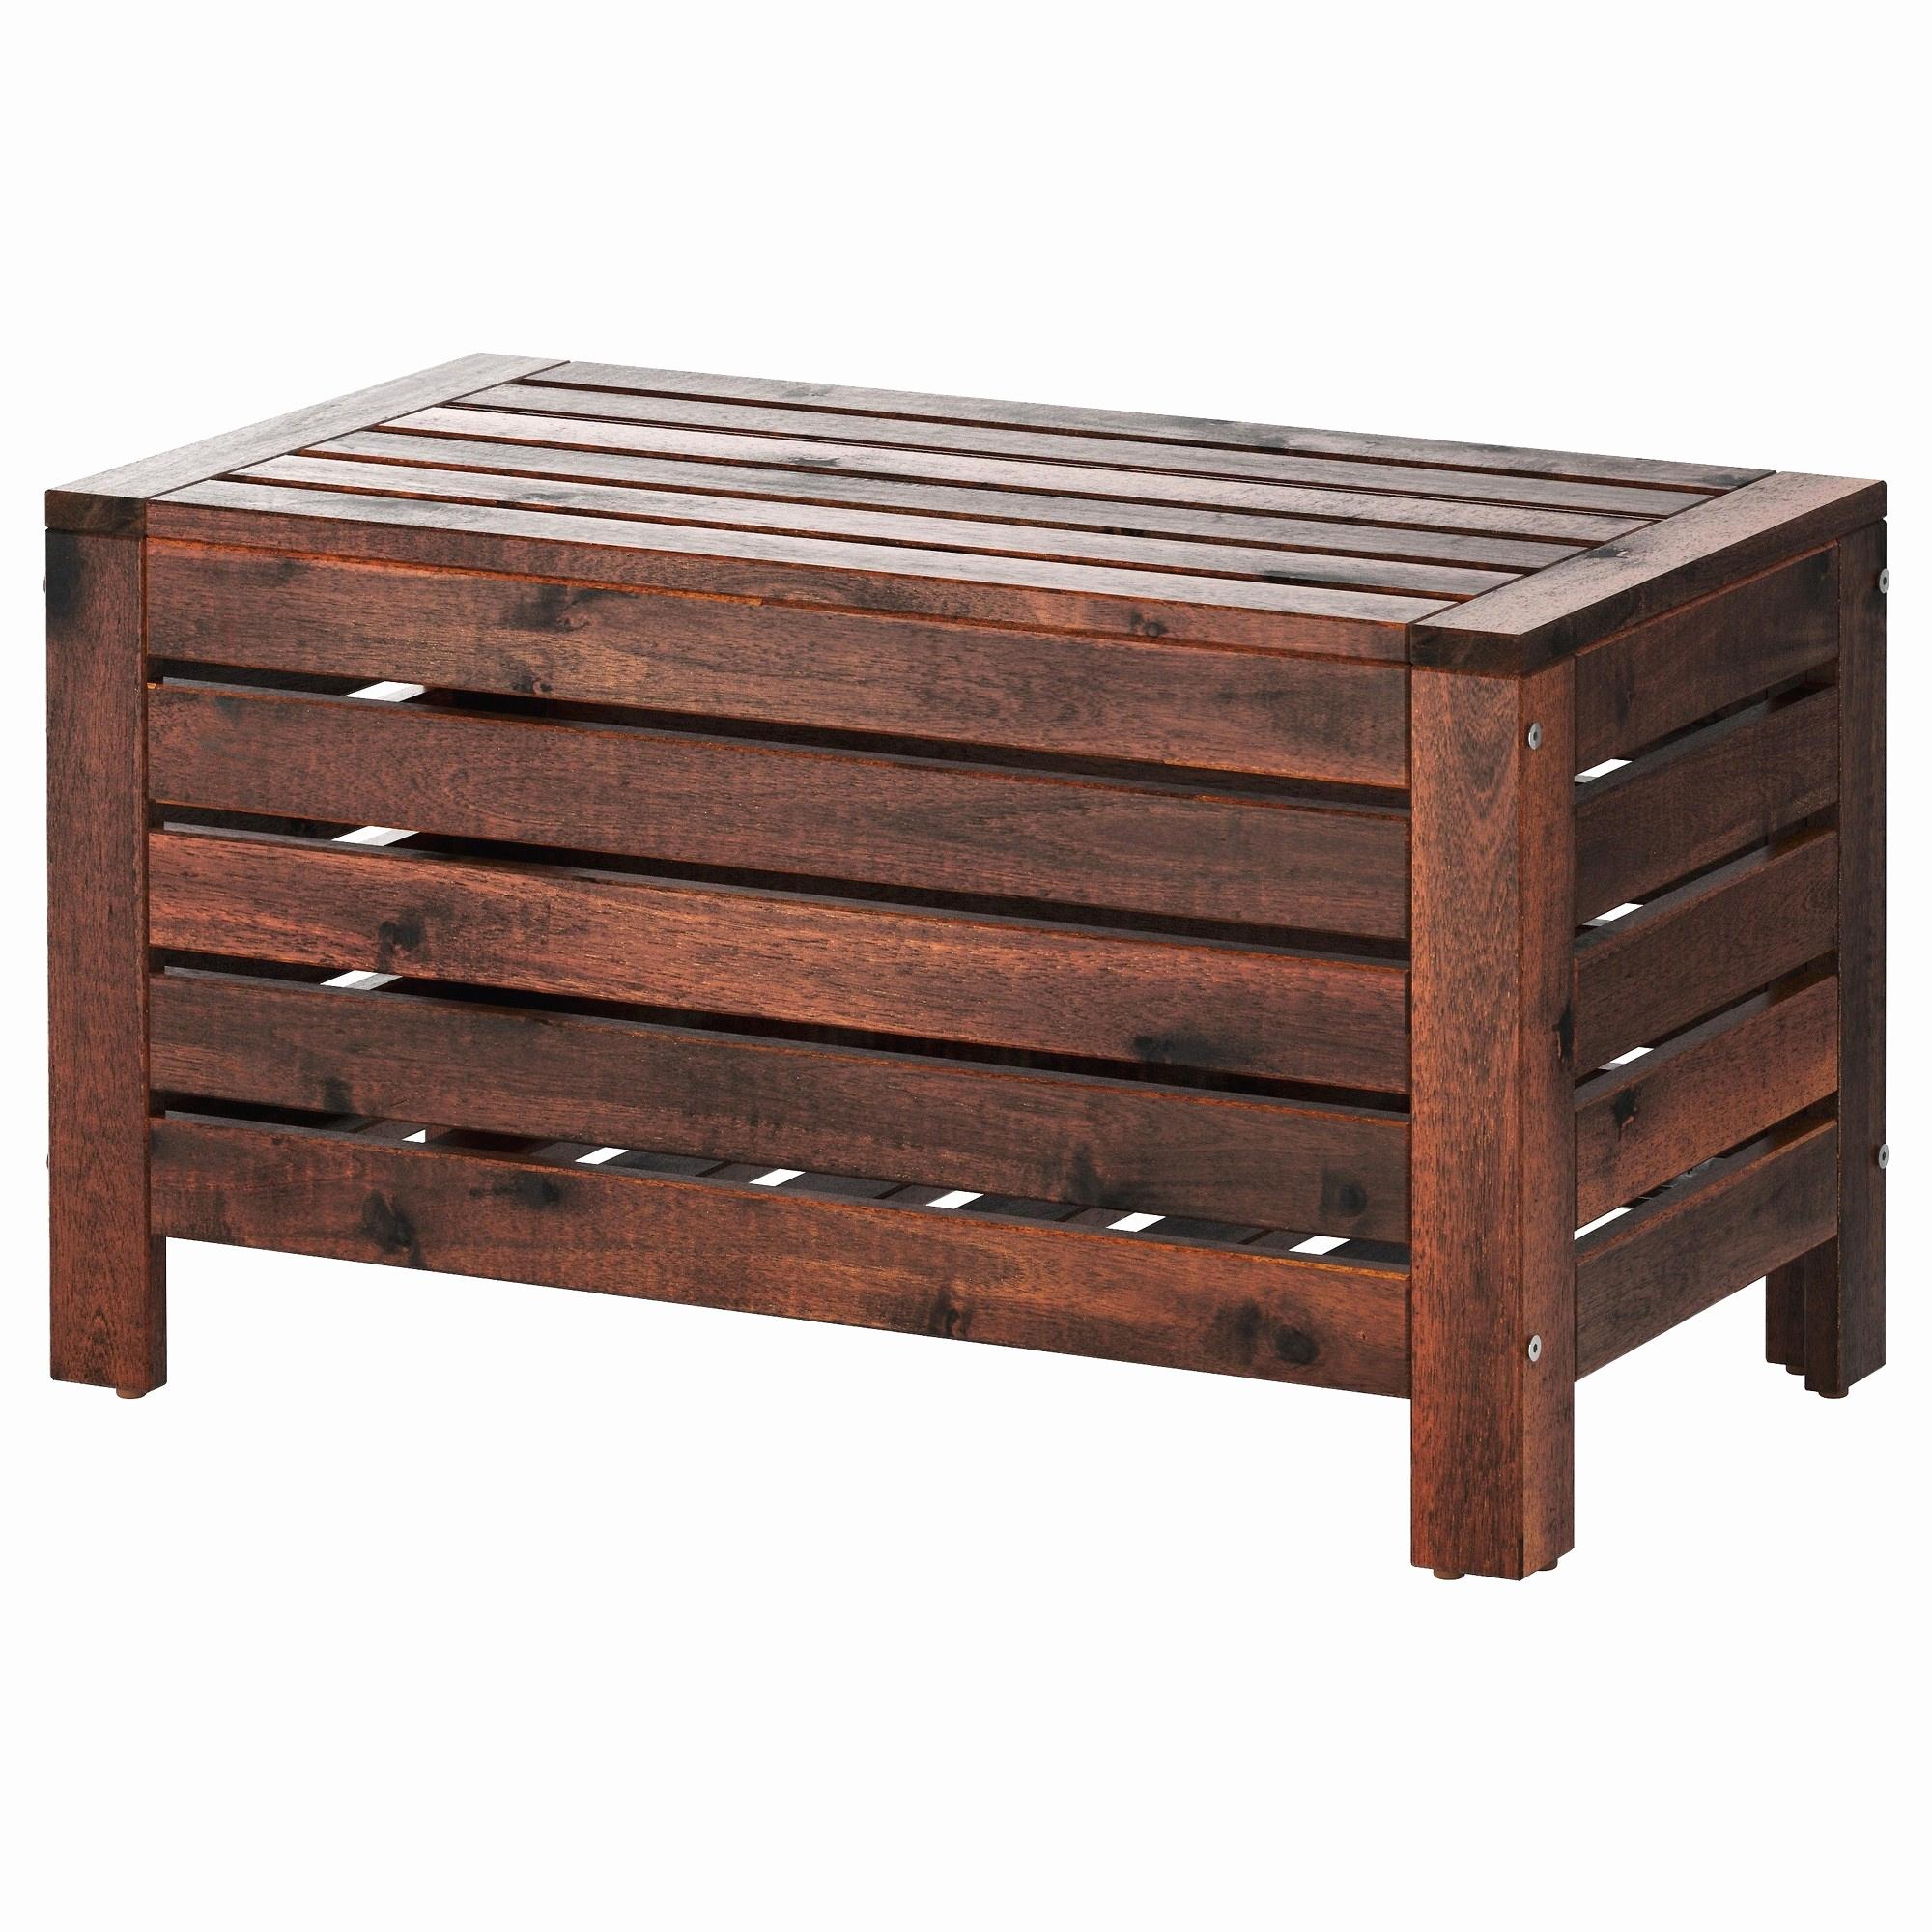 Table Basse Fermob Nouveau 37 Table Basse De Jardin Ikea ... serapportantà Table Basse De Jardin Ikea